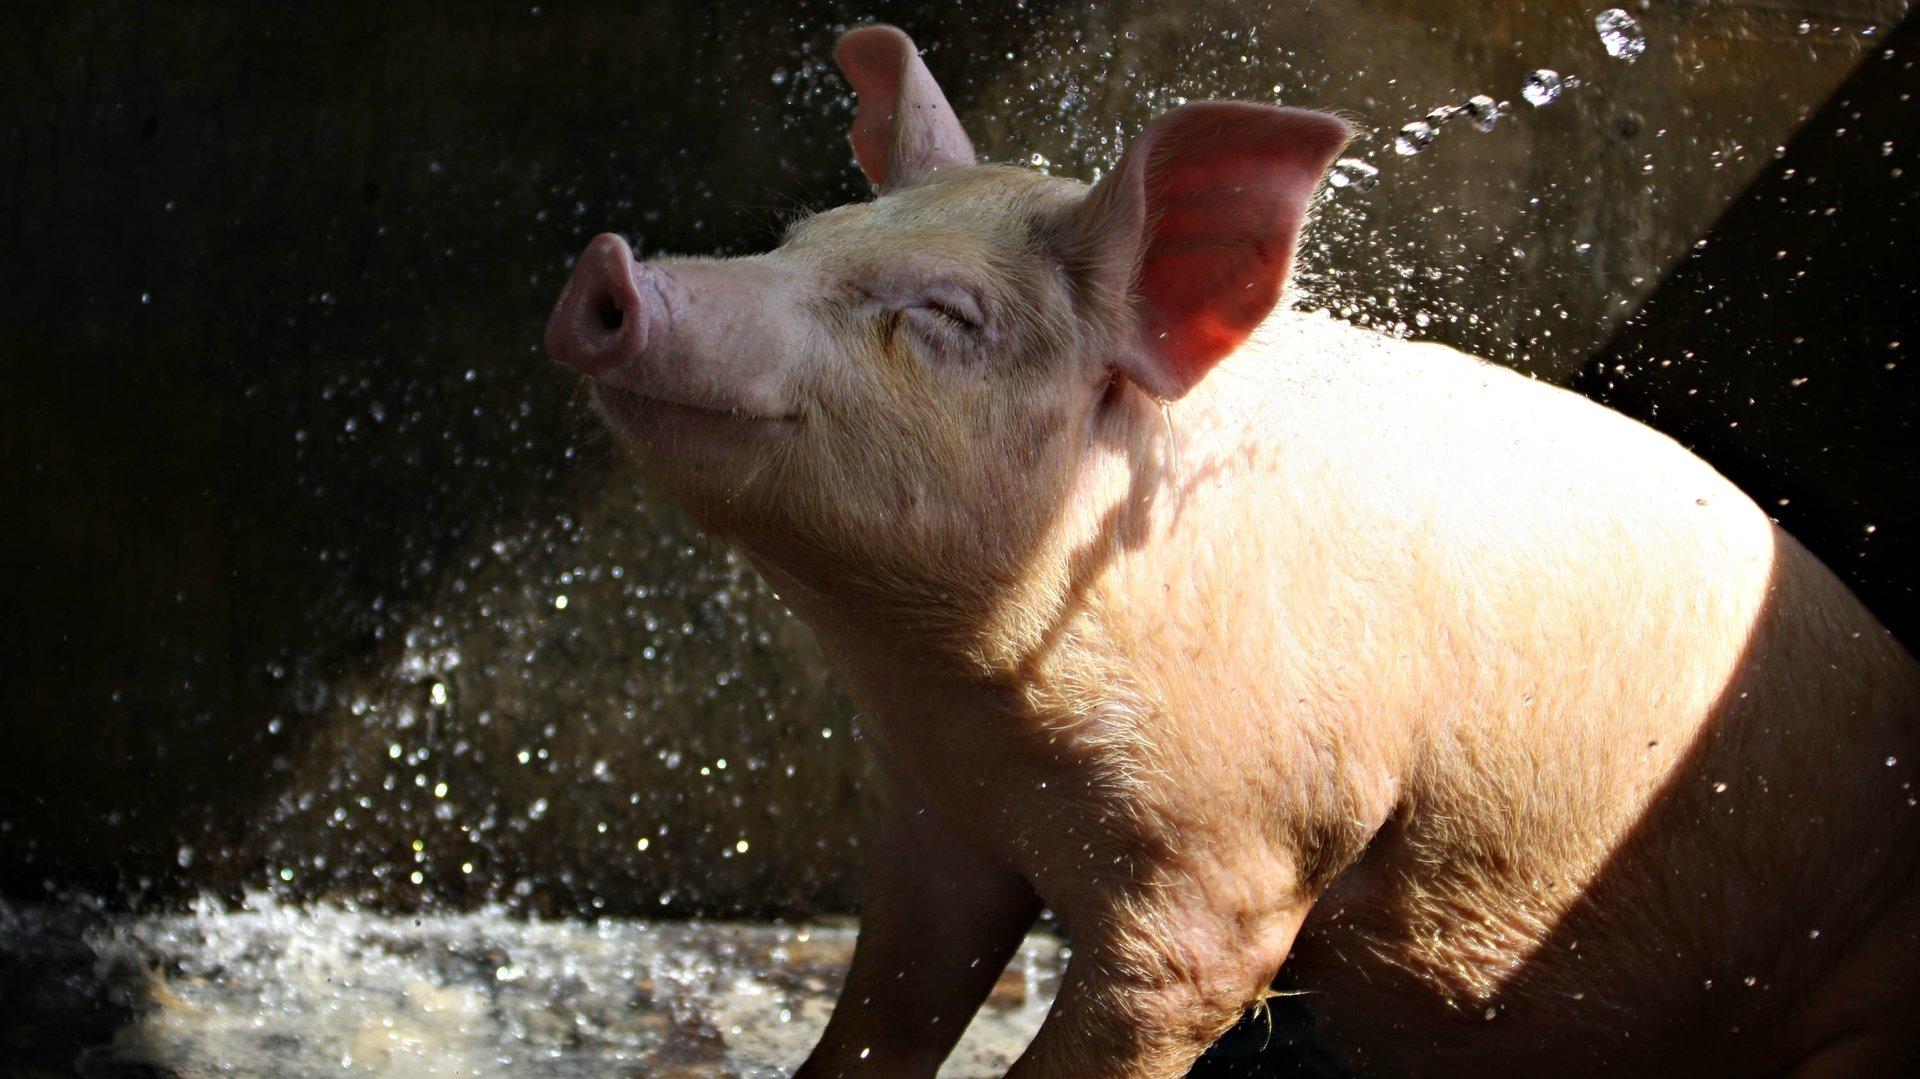 Смешные картинки свиней смешные картинки свиней свиней свиней, днем рождения